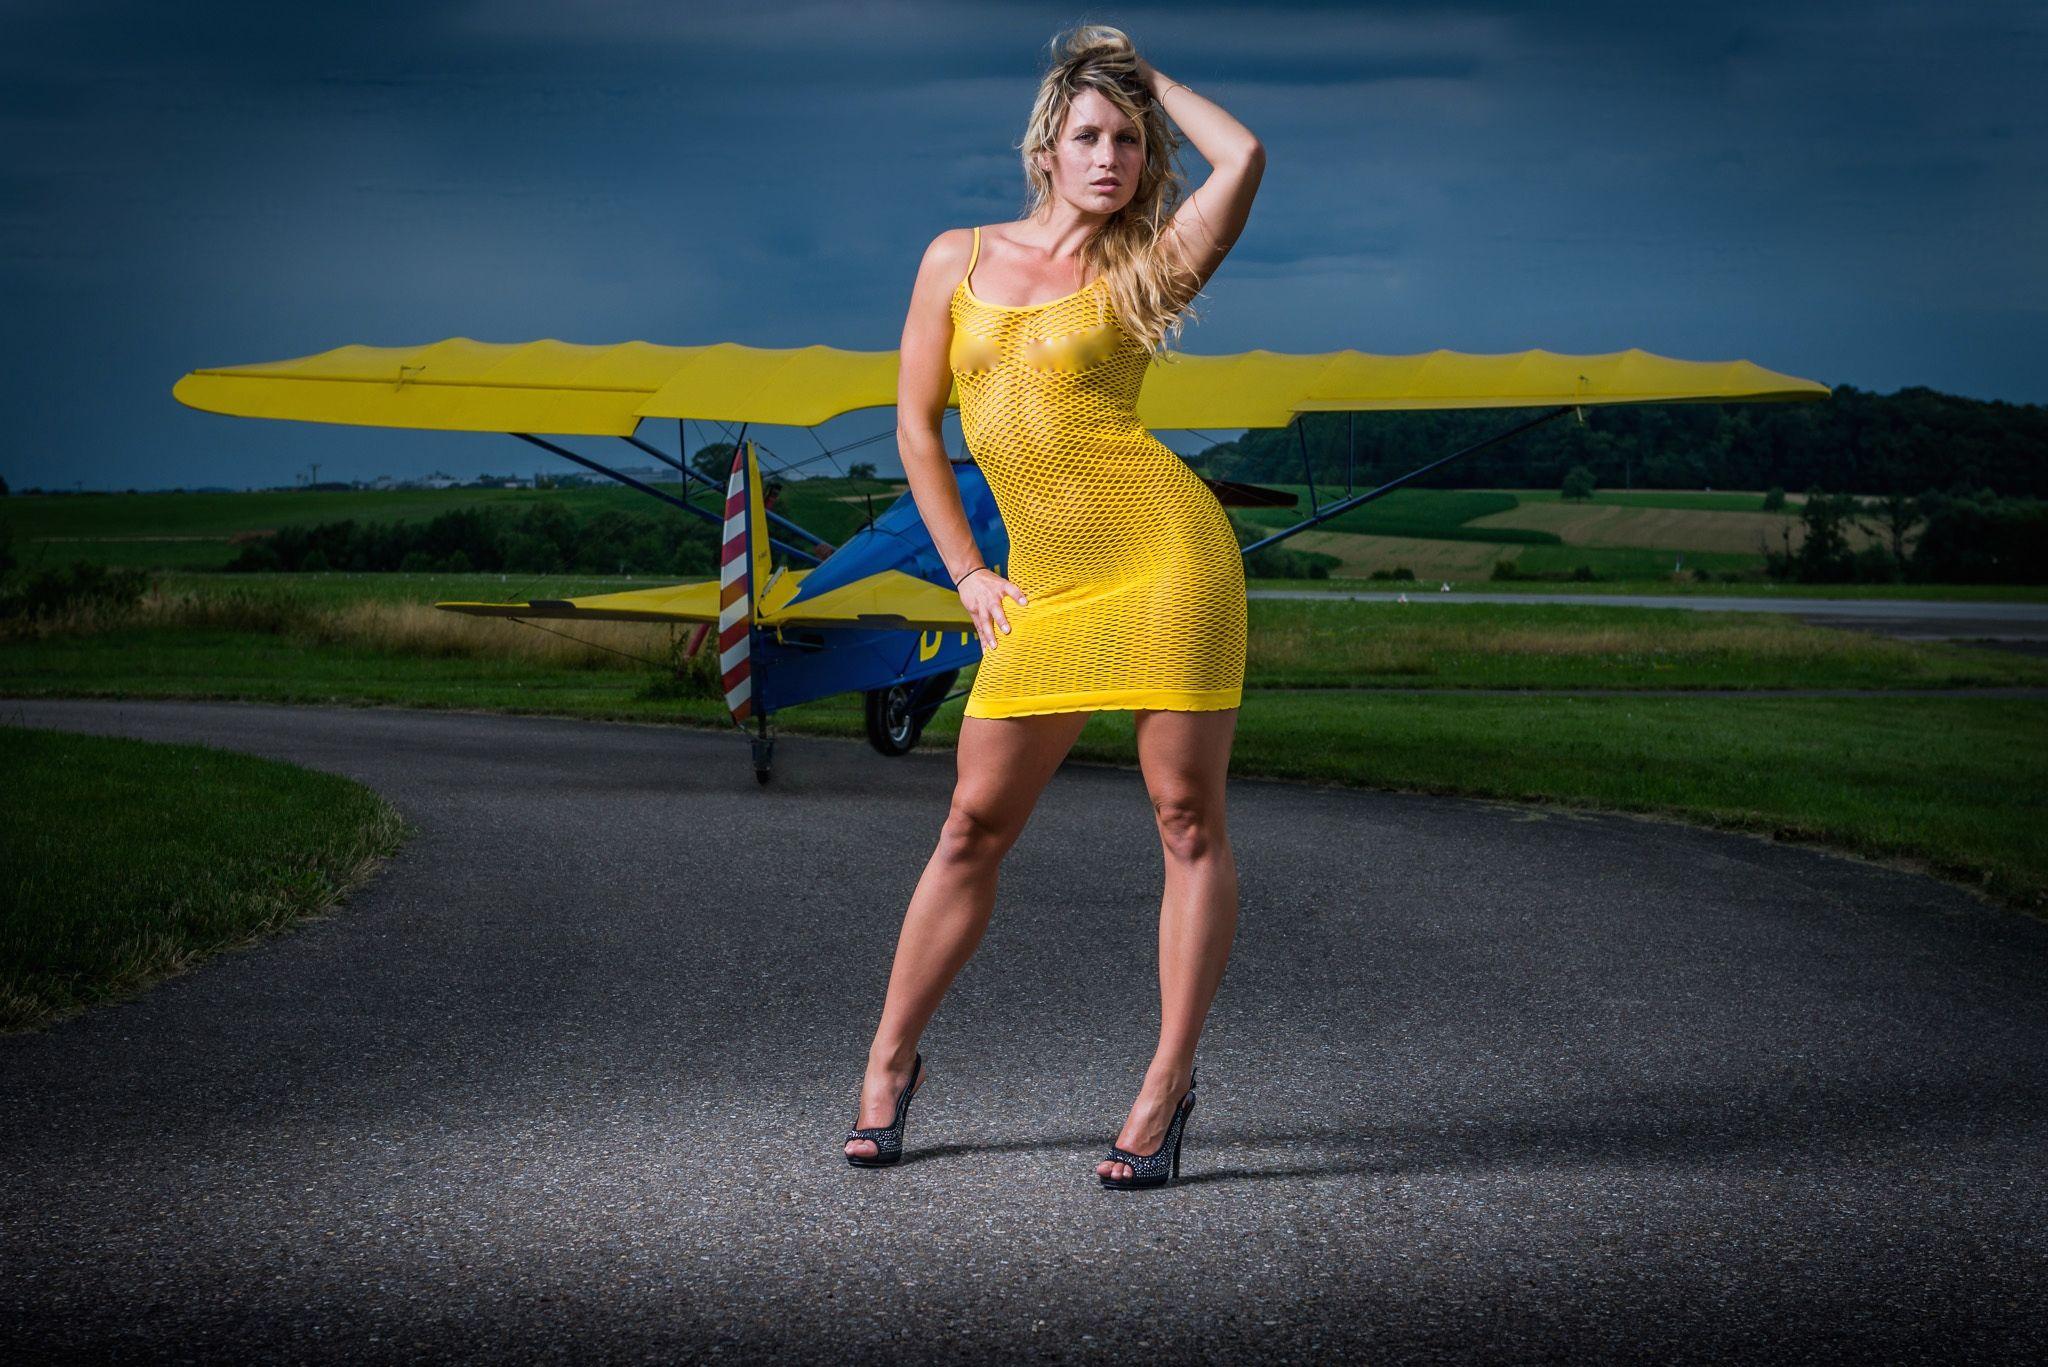 Mujeres y avionetas - 2048x1367